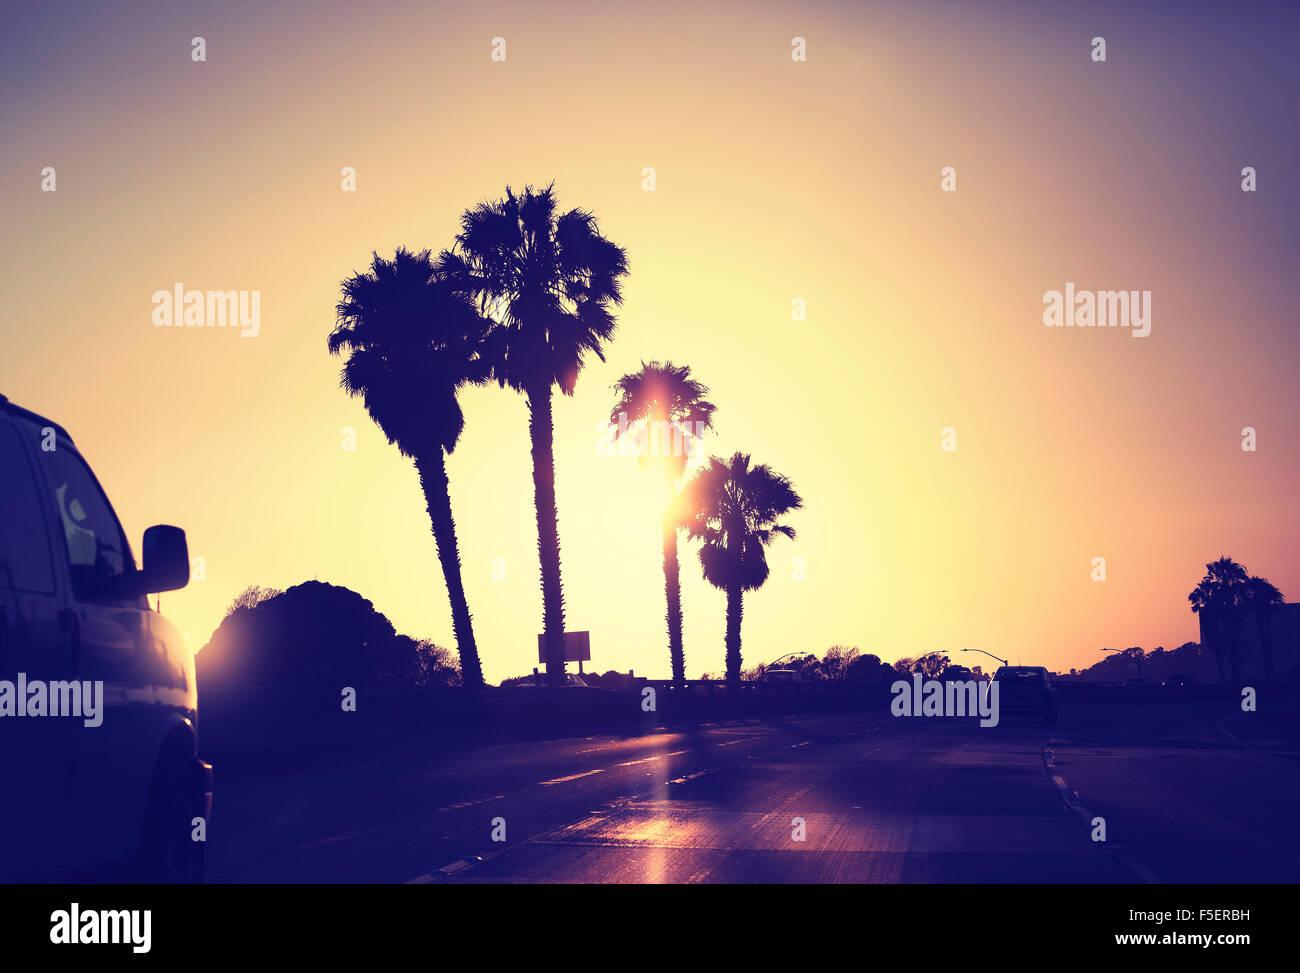 Imagen estilizada vintage de carretera contra el atardecer, California, USA. Imagen De Stock